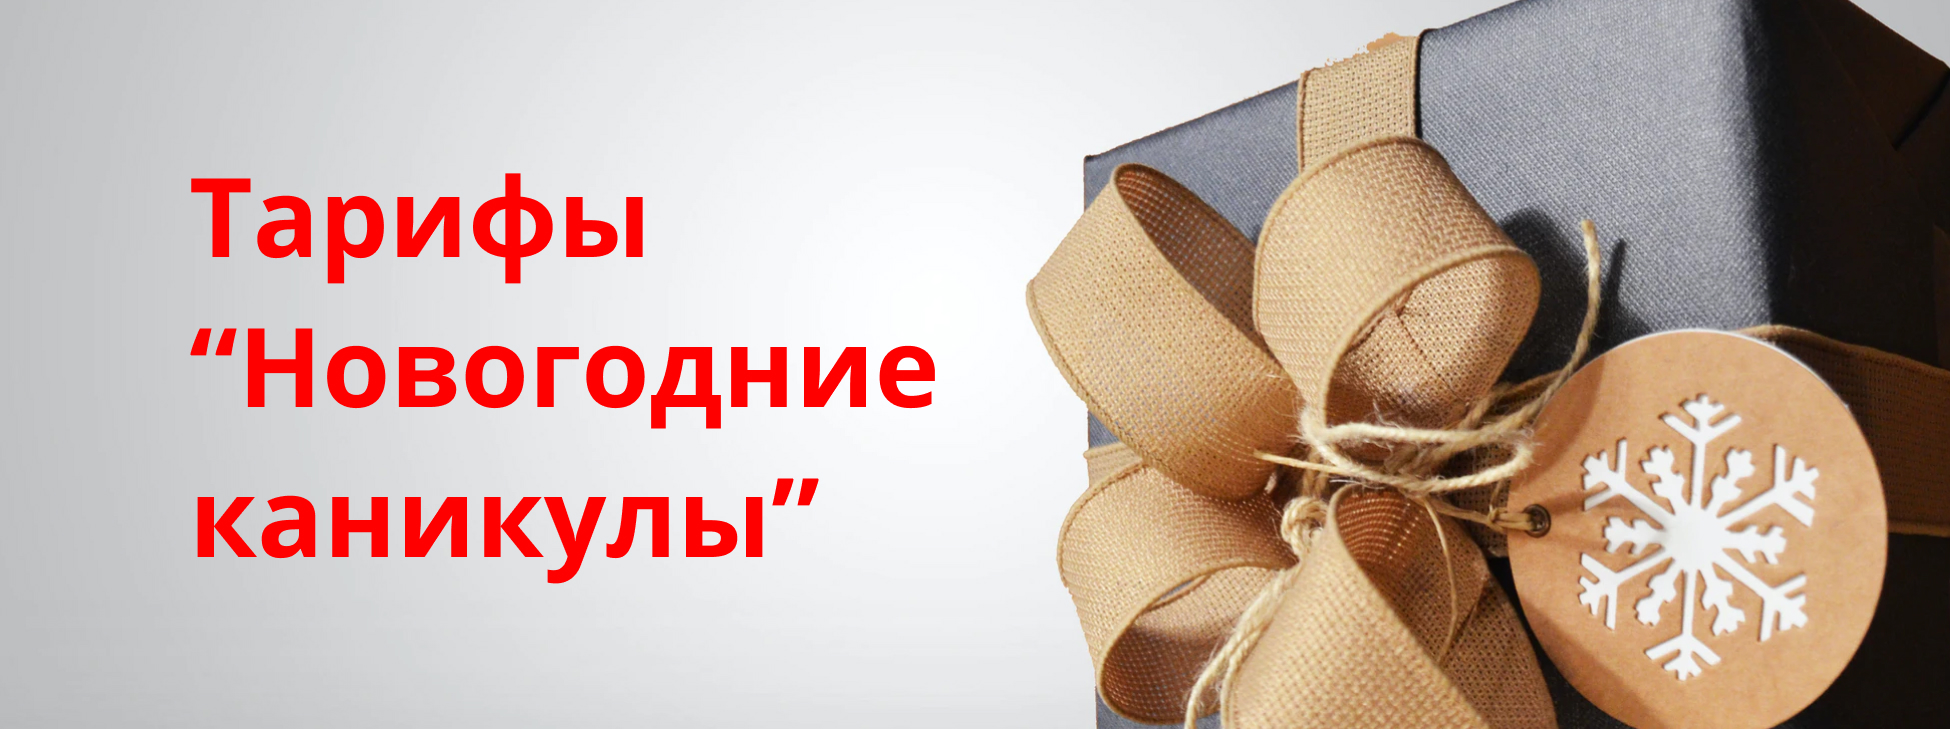 тарифы новогодние каникулы